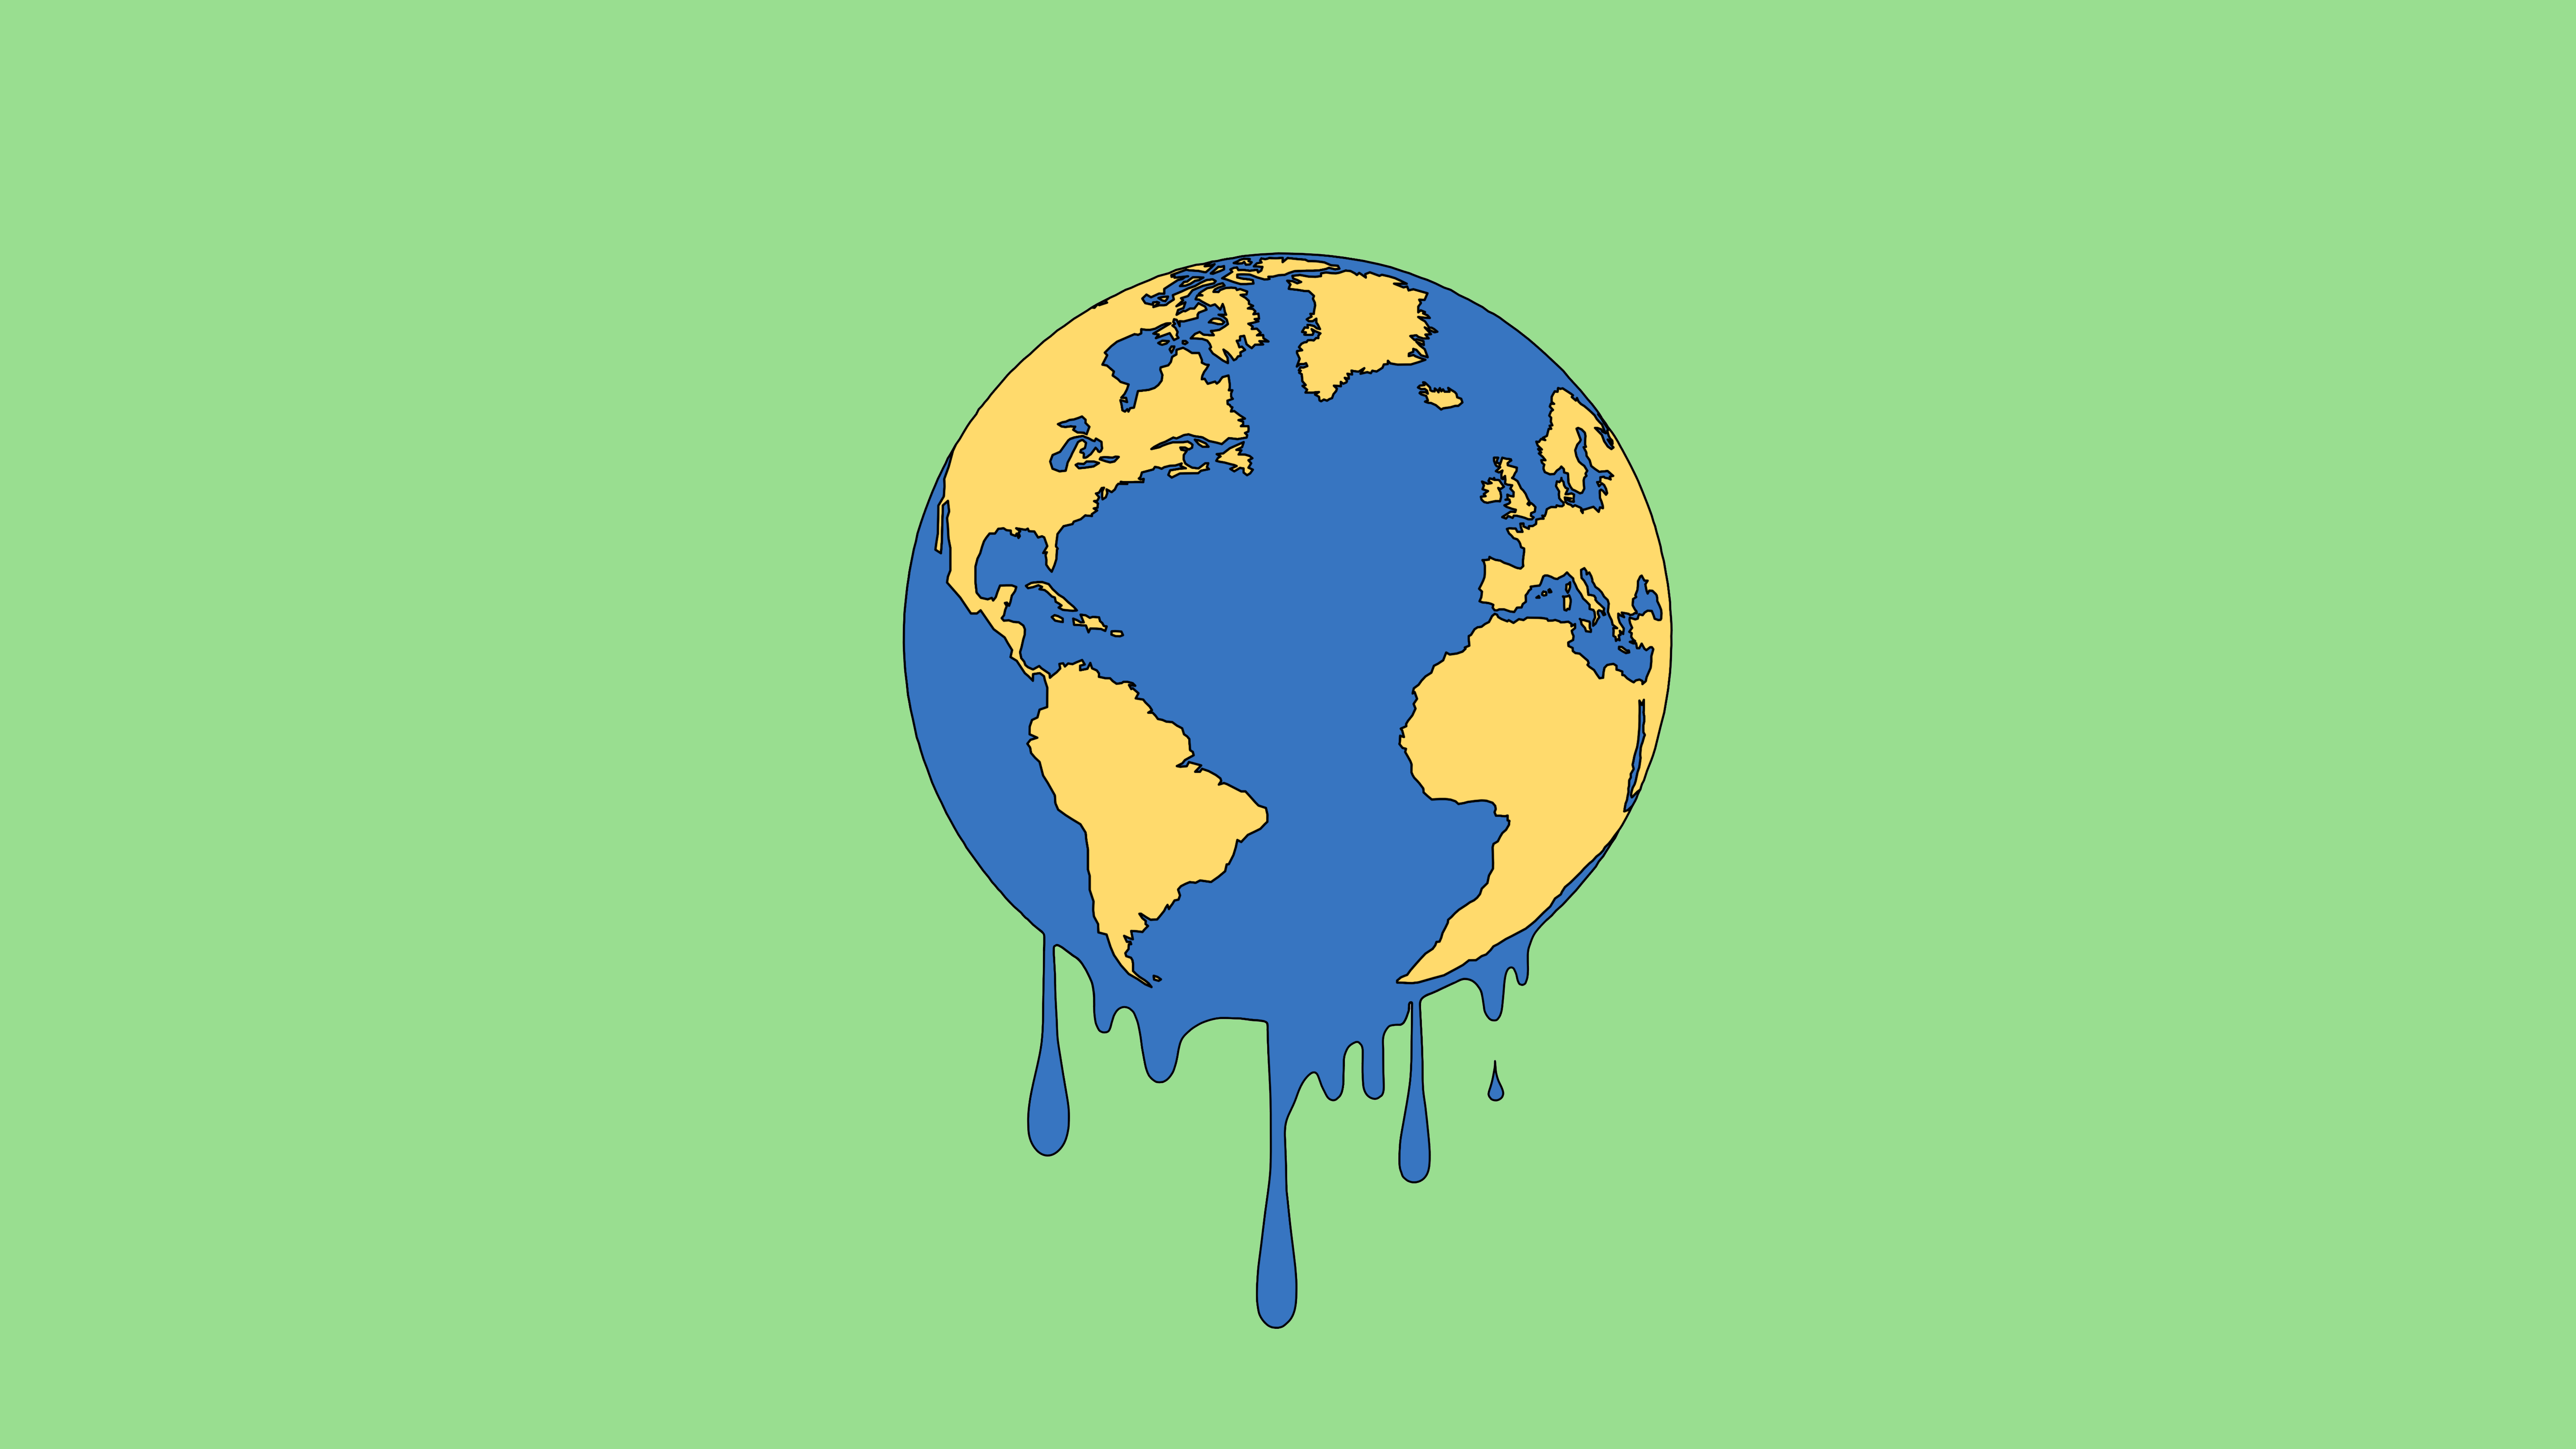 התחממות, שינוי או משבר?